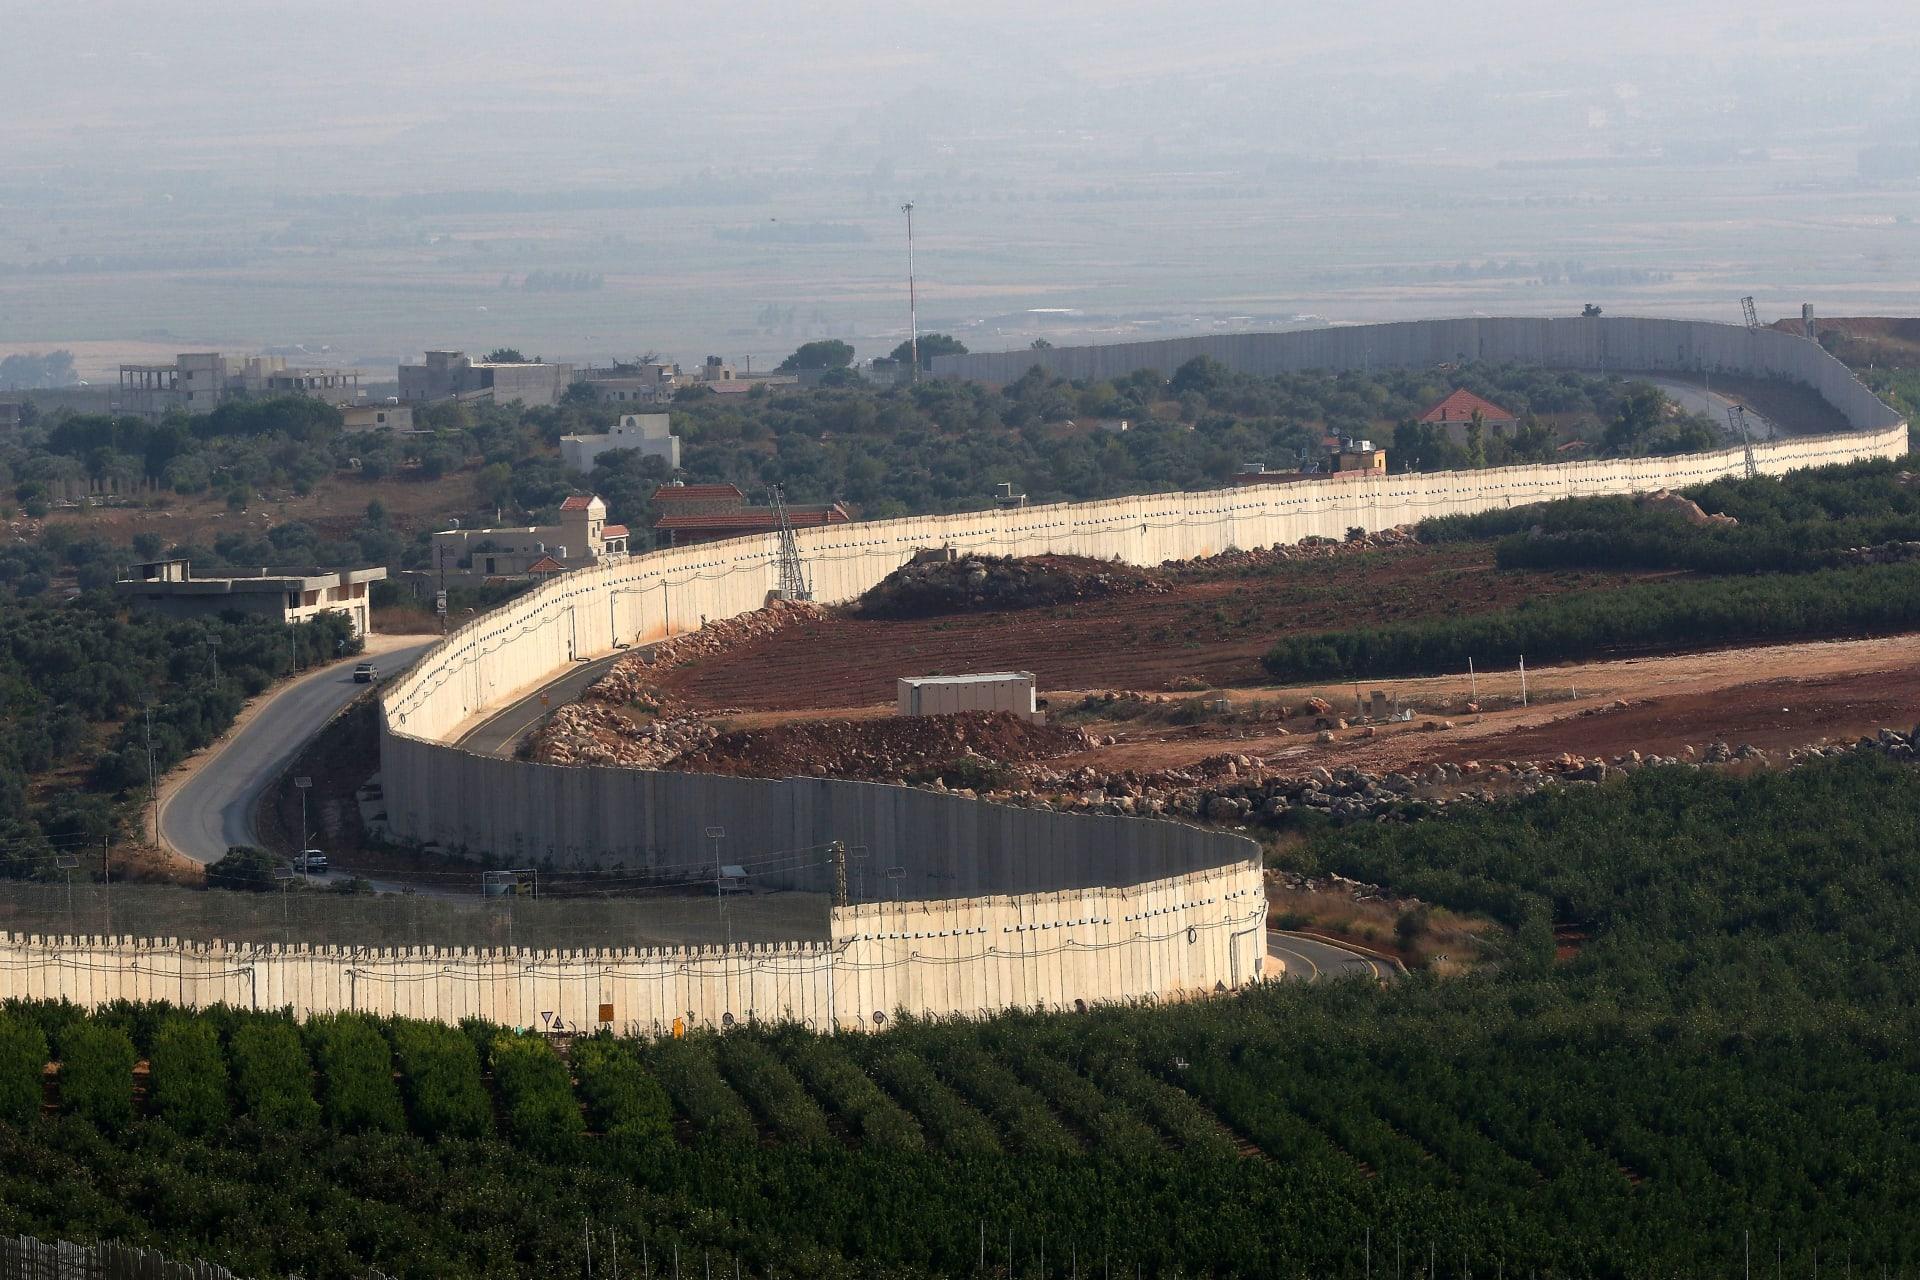 الجيش اللبناني يُعلن إسقاط طائرة إسرائيلية مُسيرة